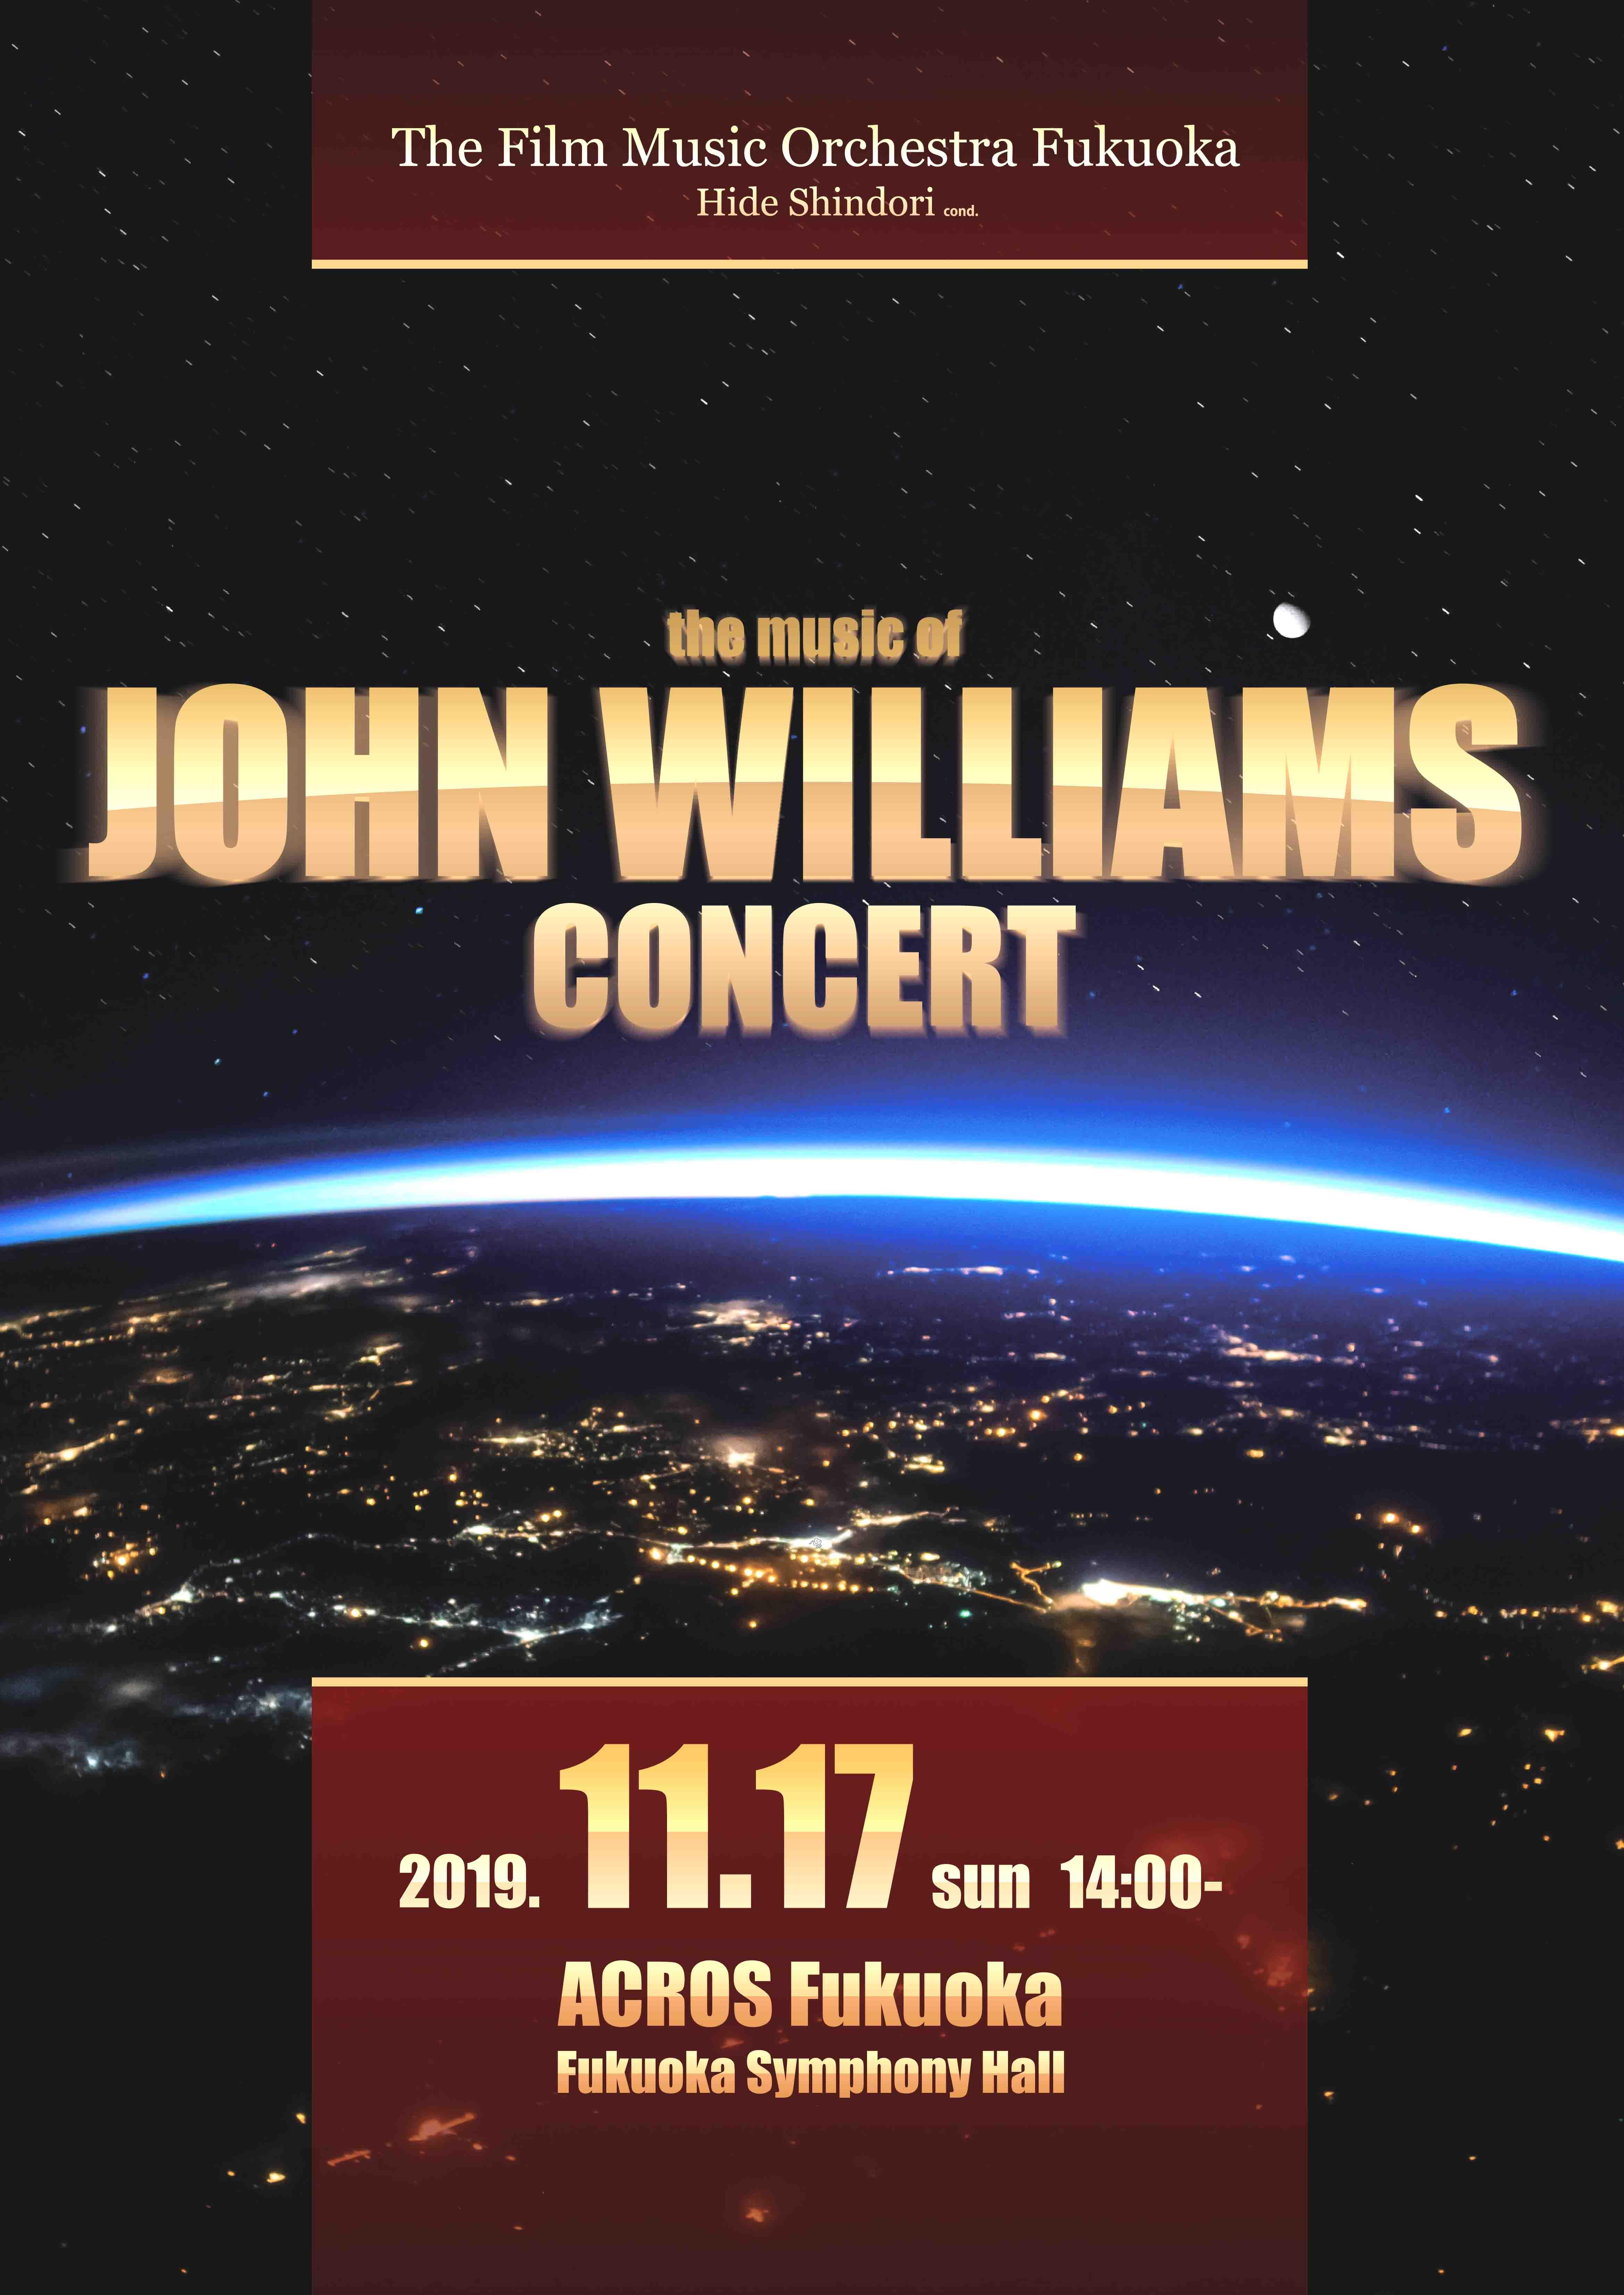 ジョン・ウィリアムズ     コンサート